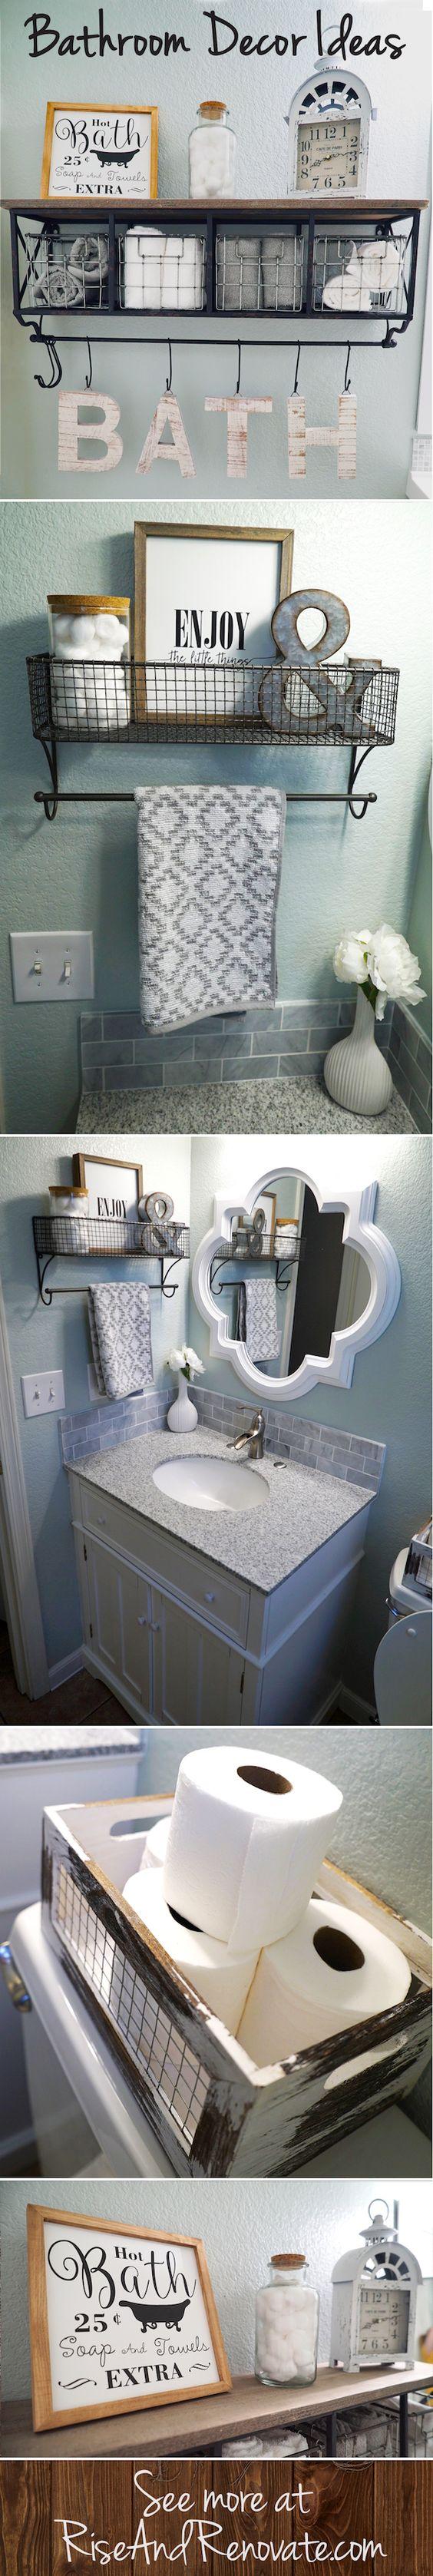 Bathroom Shelf With Wire Basket For Towel Storage.